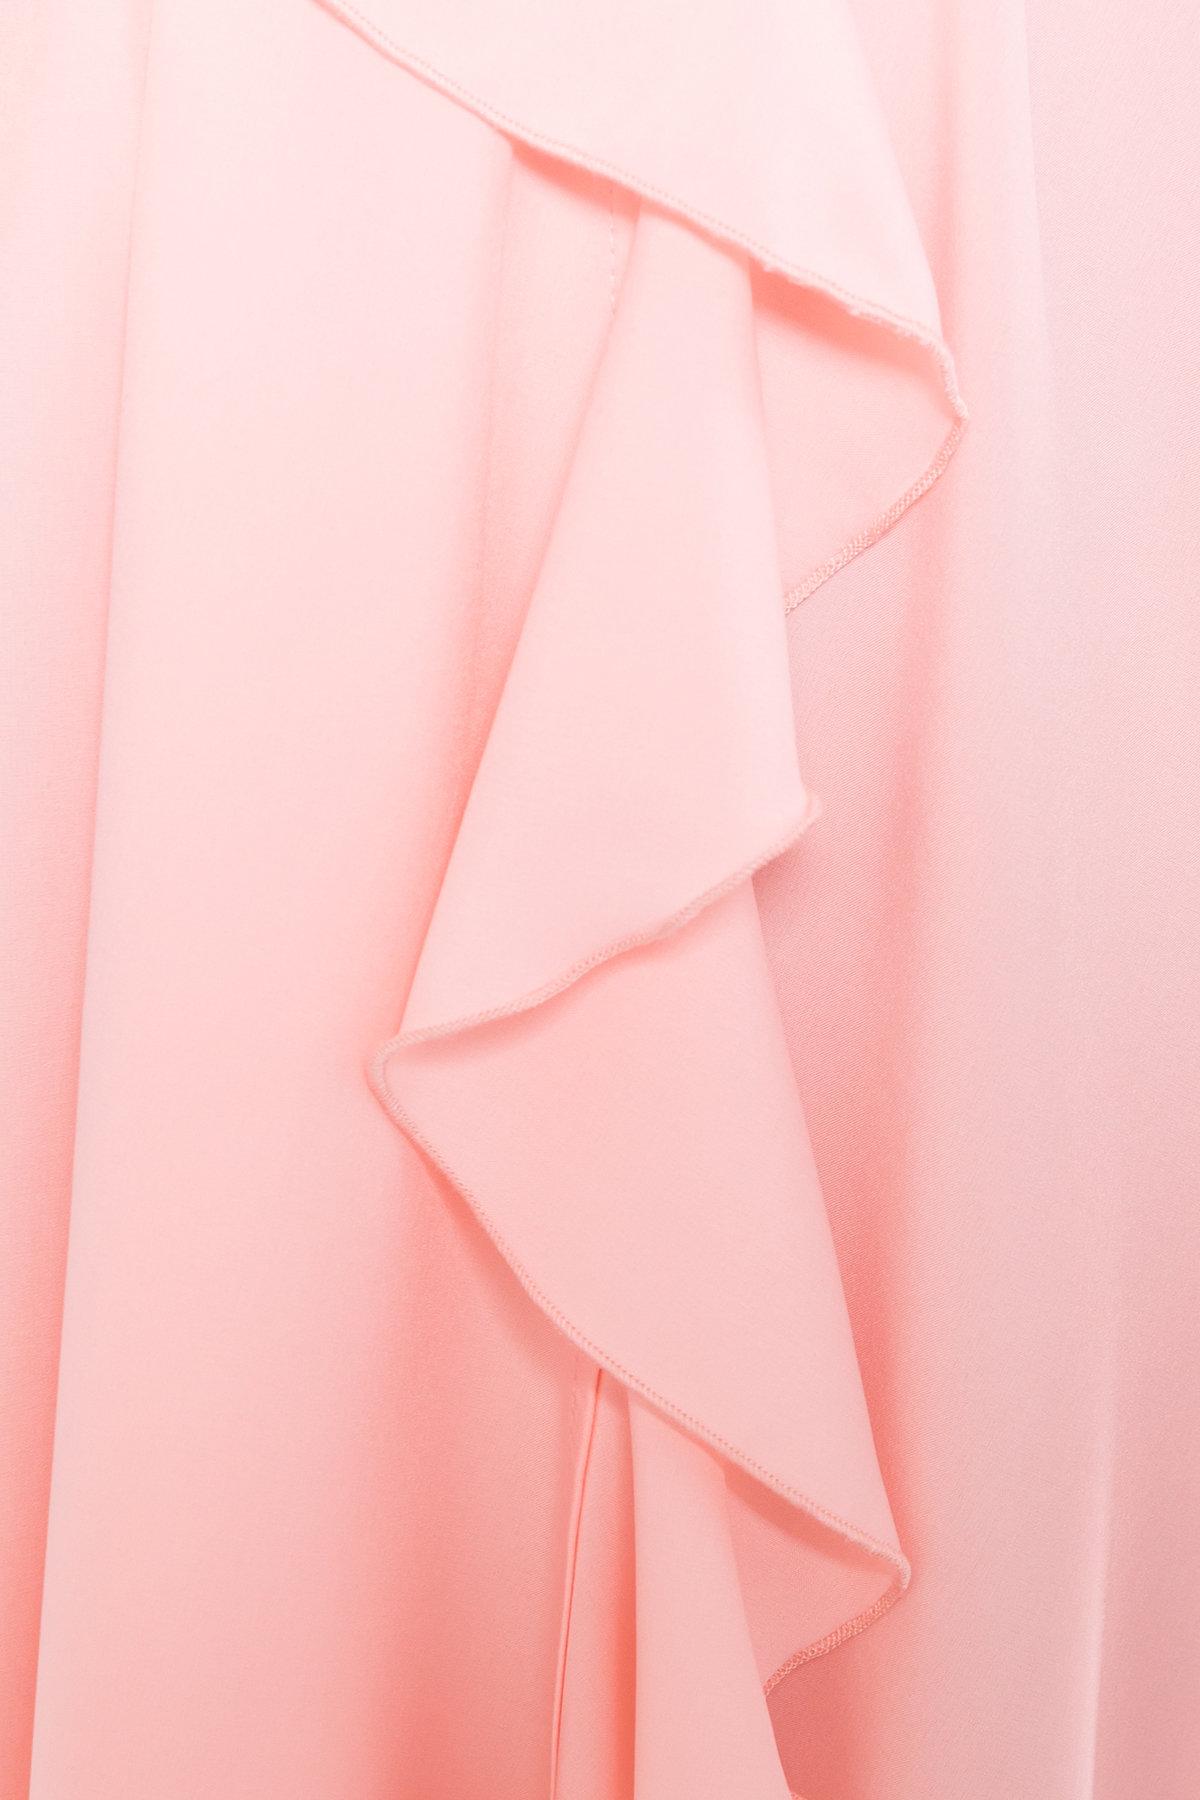 Платье Нуара 7358 АРТ. 43102 Цвет: Пудра 7 - фото 4, интернет магазин tm-modus.ru